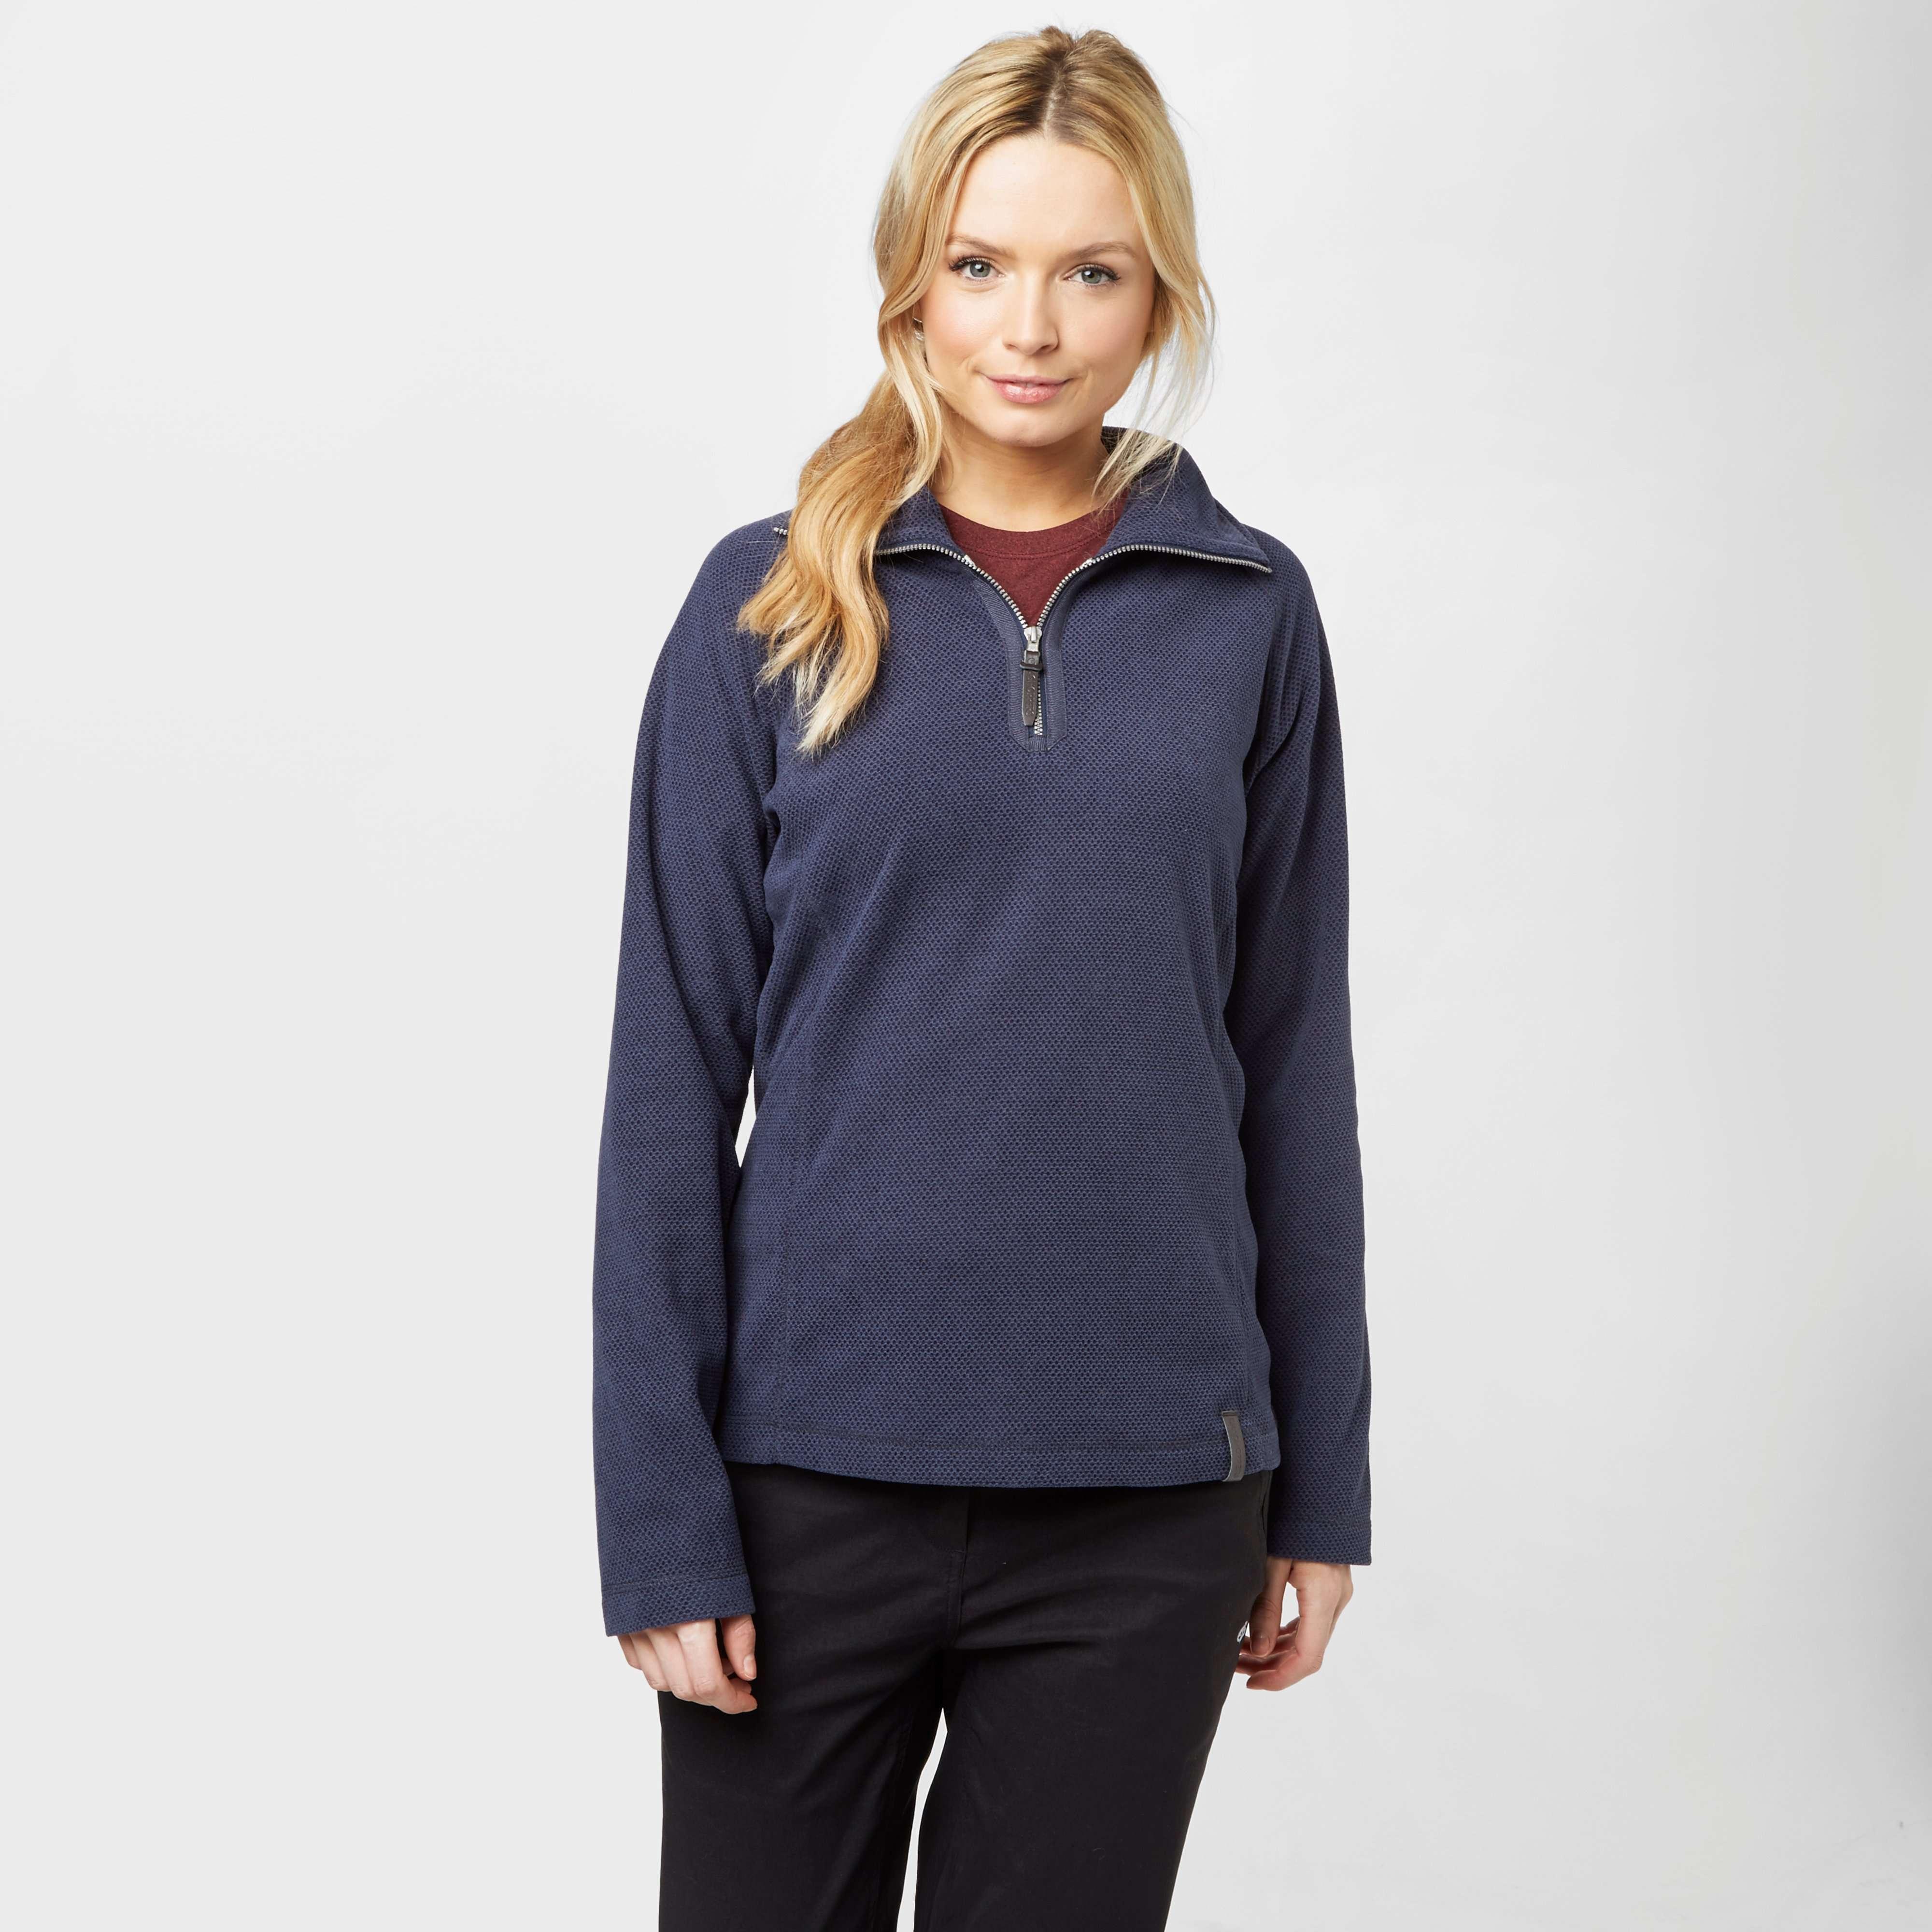 CRAGHOPPERS Women's Delia Half Zip Fleece